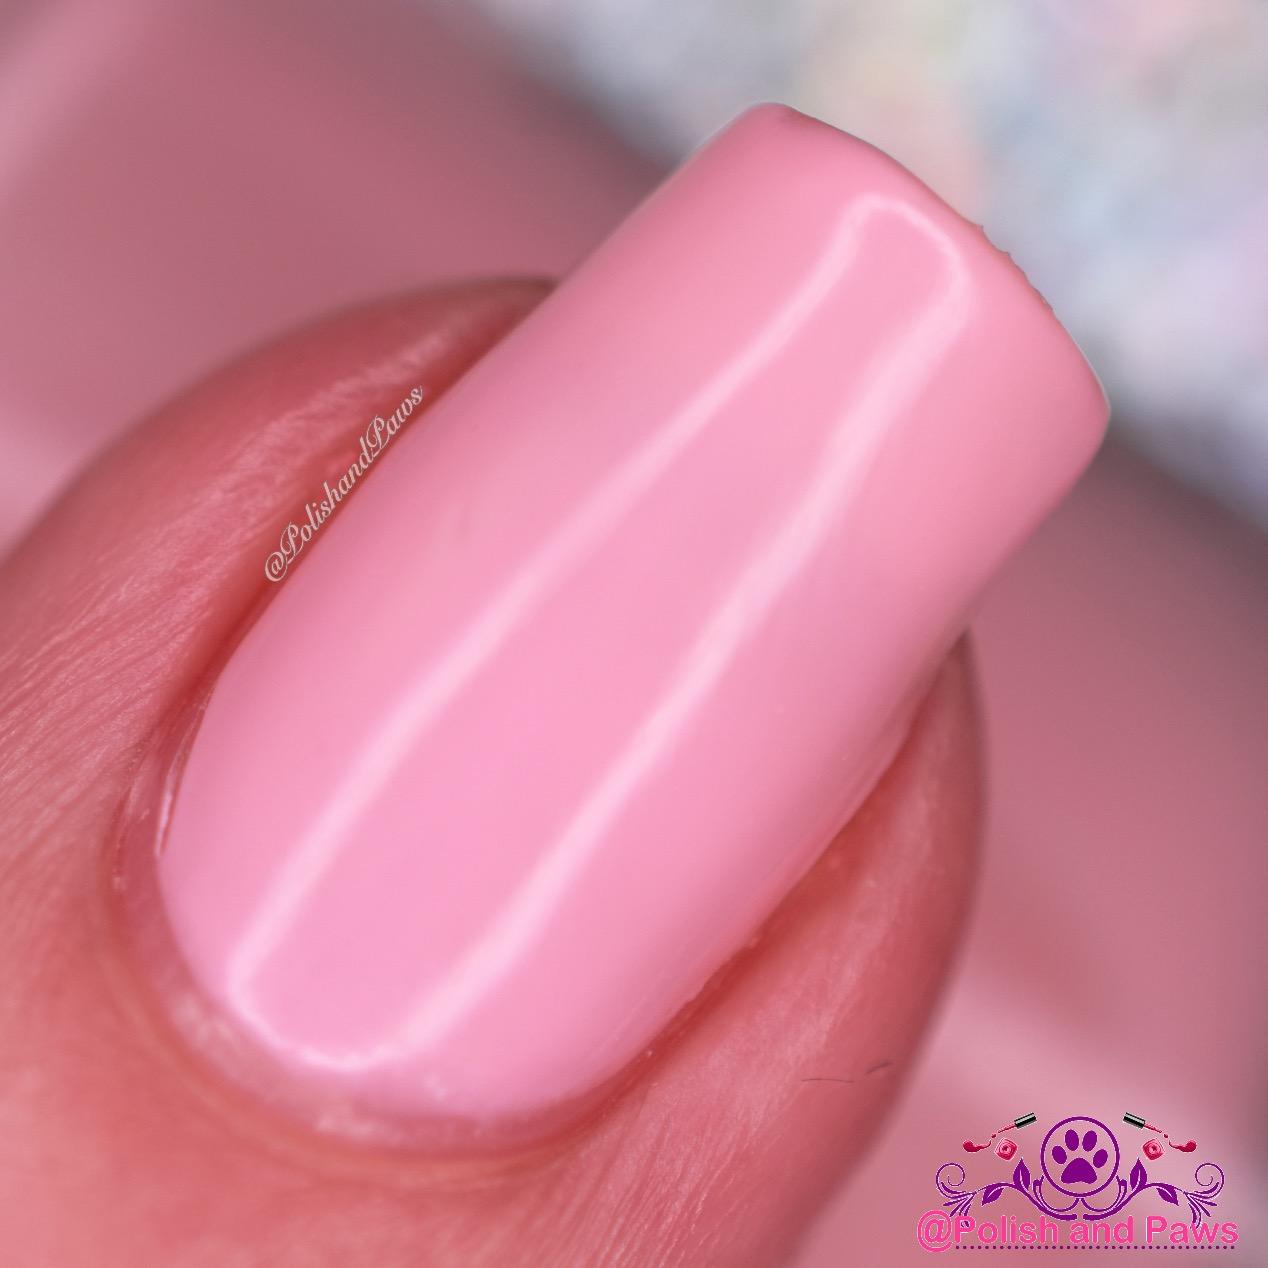 daniPro Perfect Pink